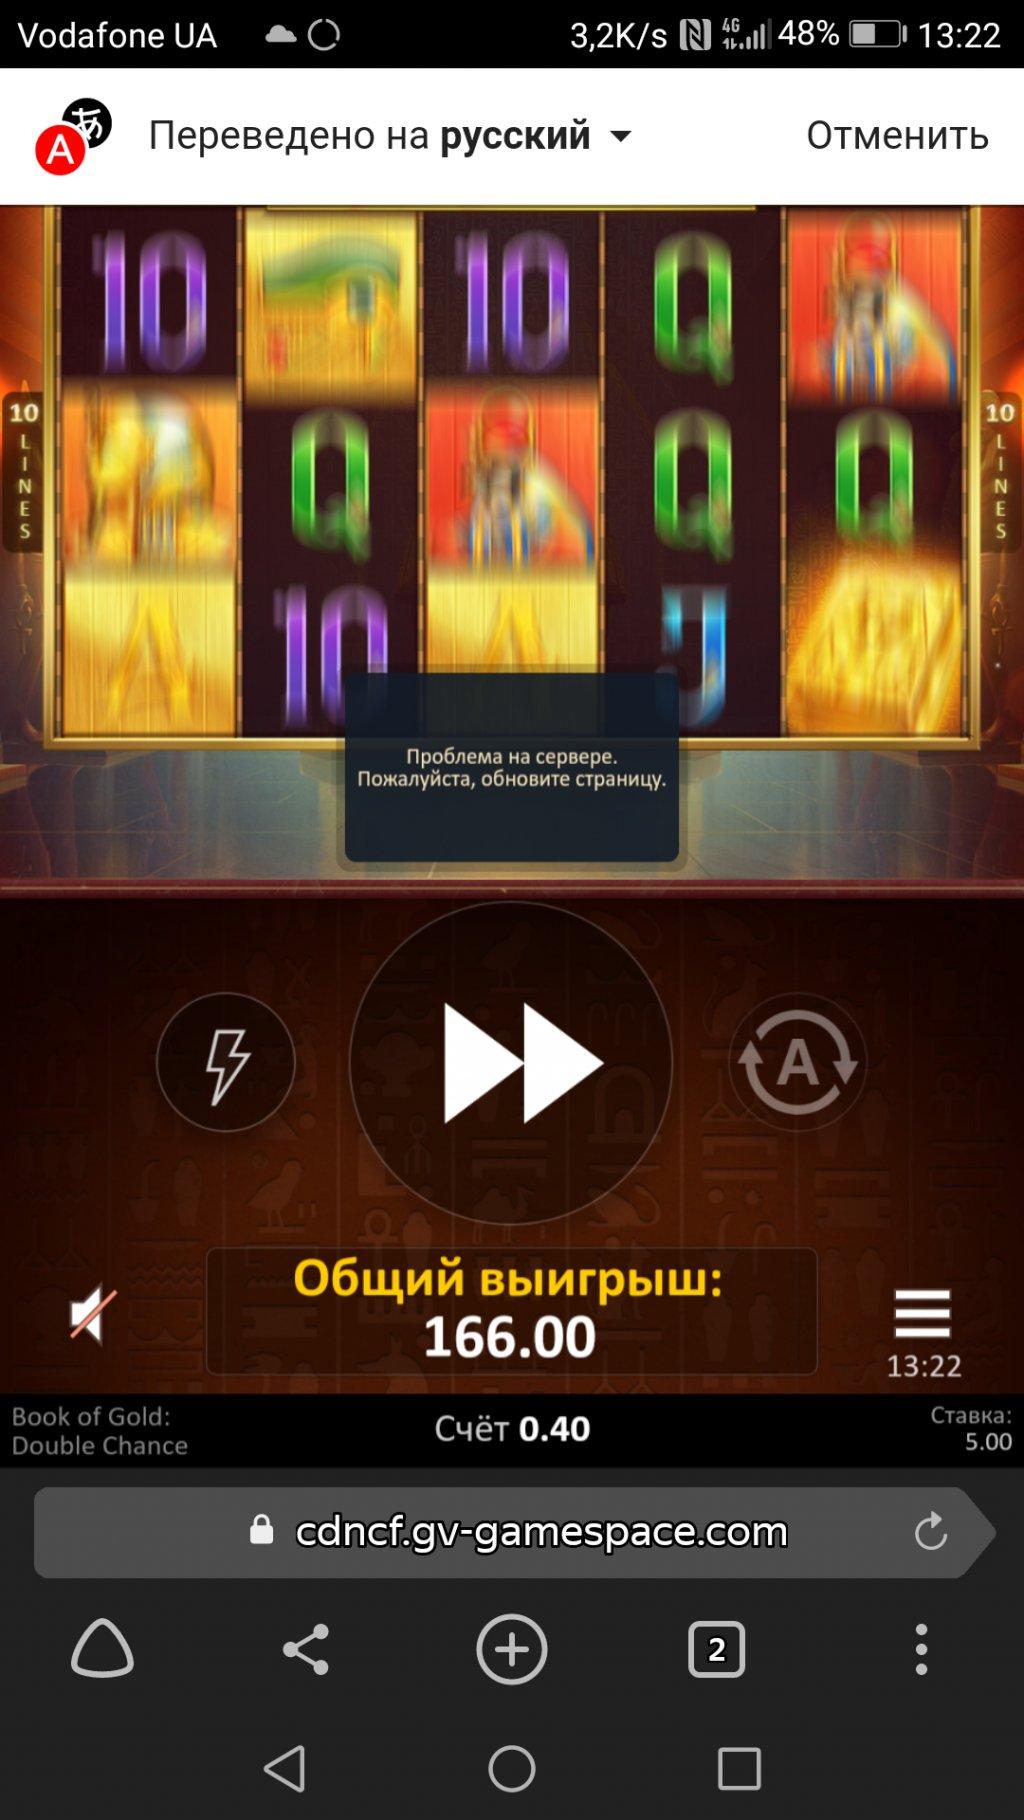 париматч отзывы о фильме